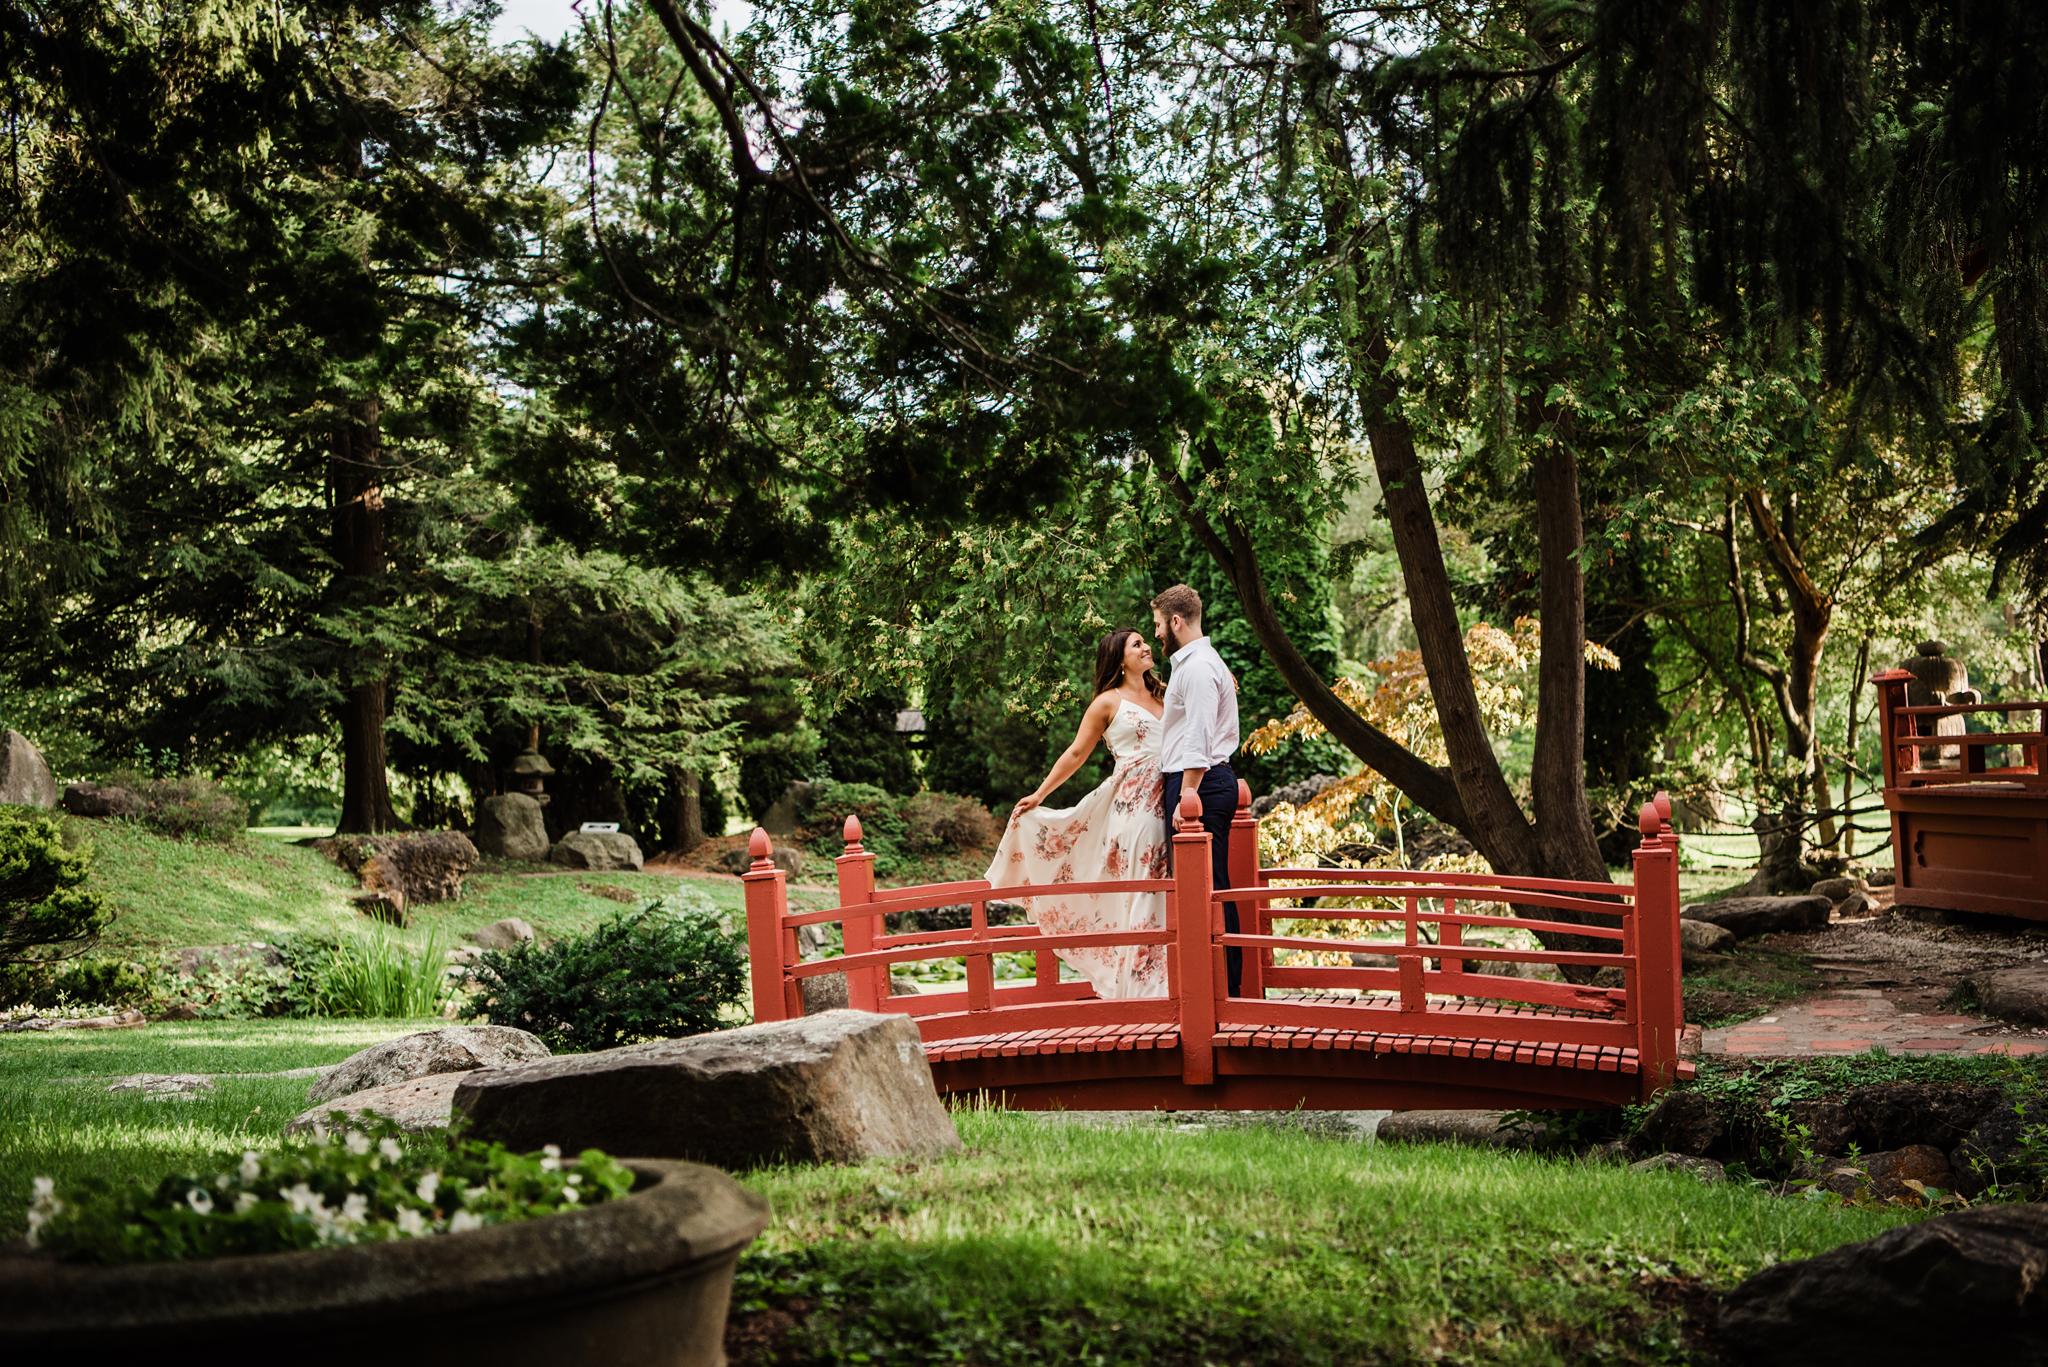 Sonnenberg_Gardens_Finger_Lakes_Engagement_Session_JILL_STUDIO_Rochester_NY_Photographer_DSC_1866.jpg